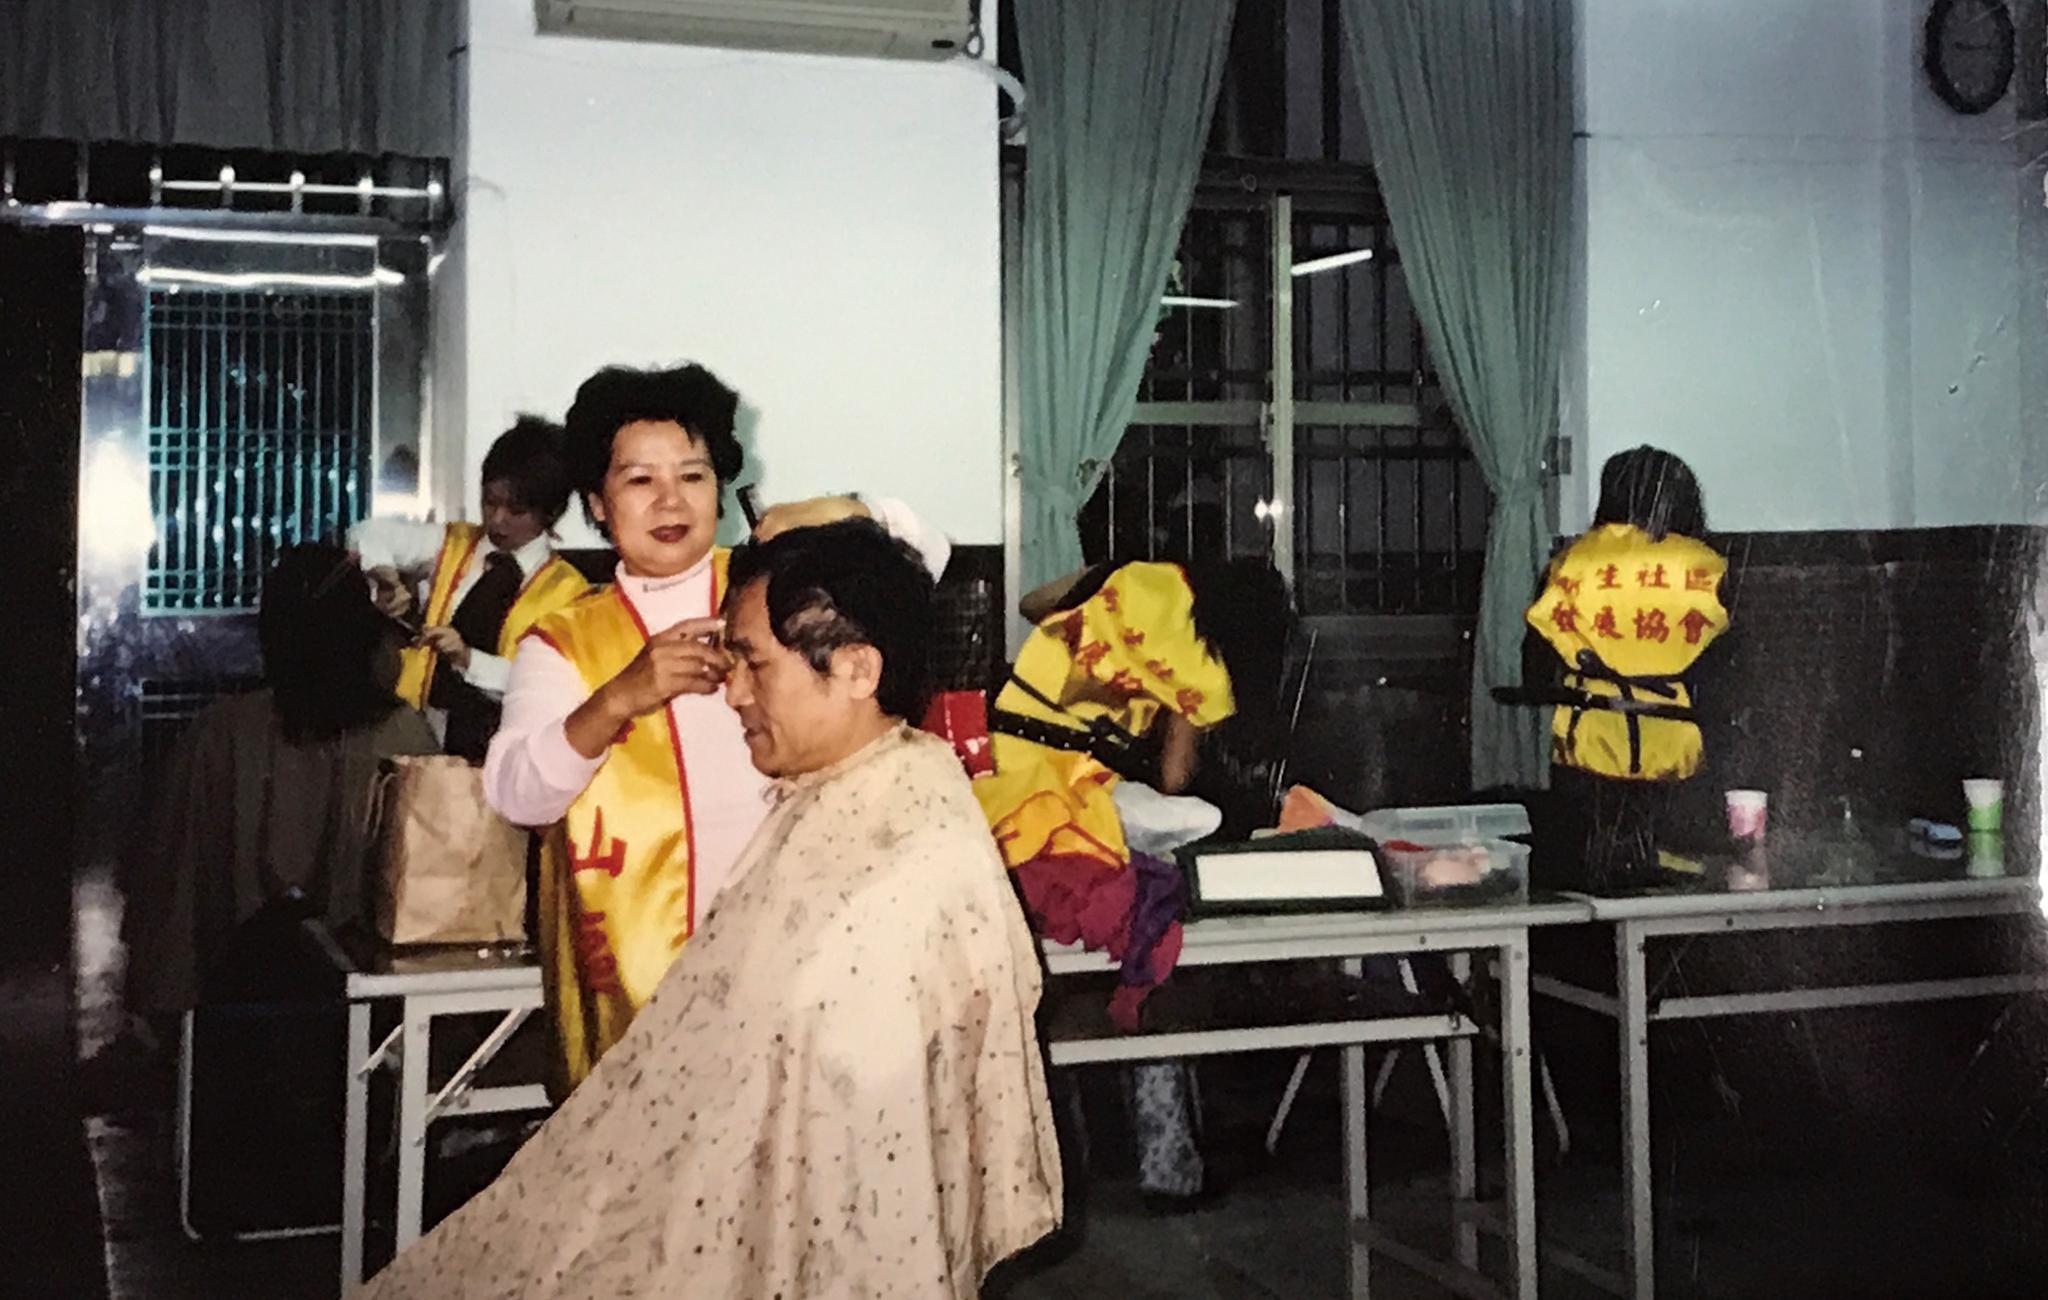 舉辦義剪活動,林彩葉親自幫忙剪髮。